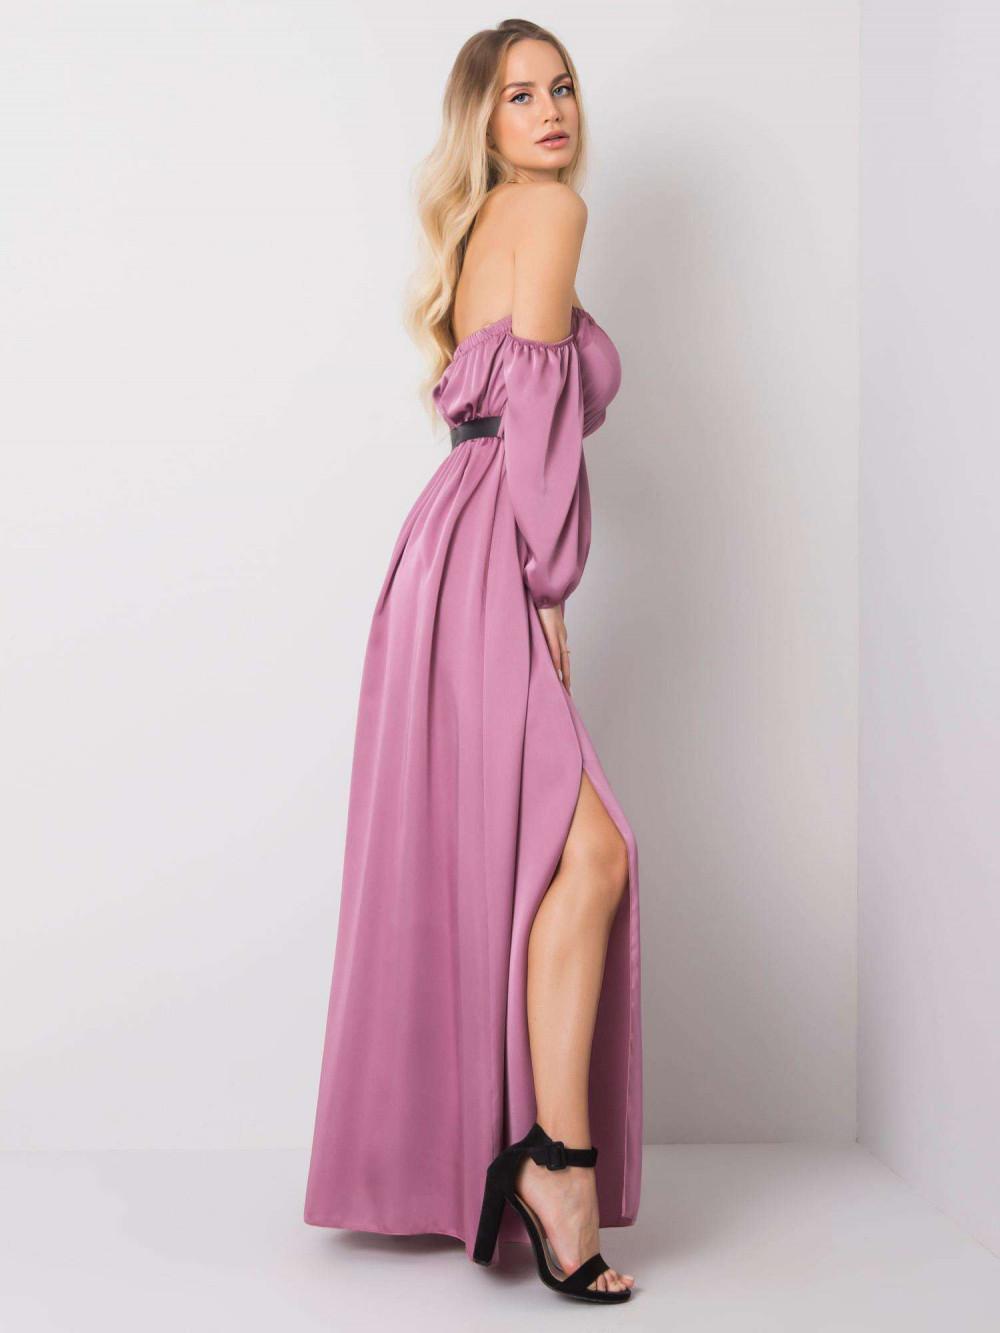 Fioletowa sukienka hiszpanka z wycięciem na nogę maxi Scarlett 3